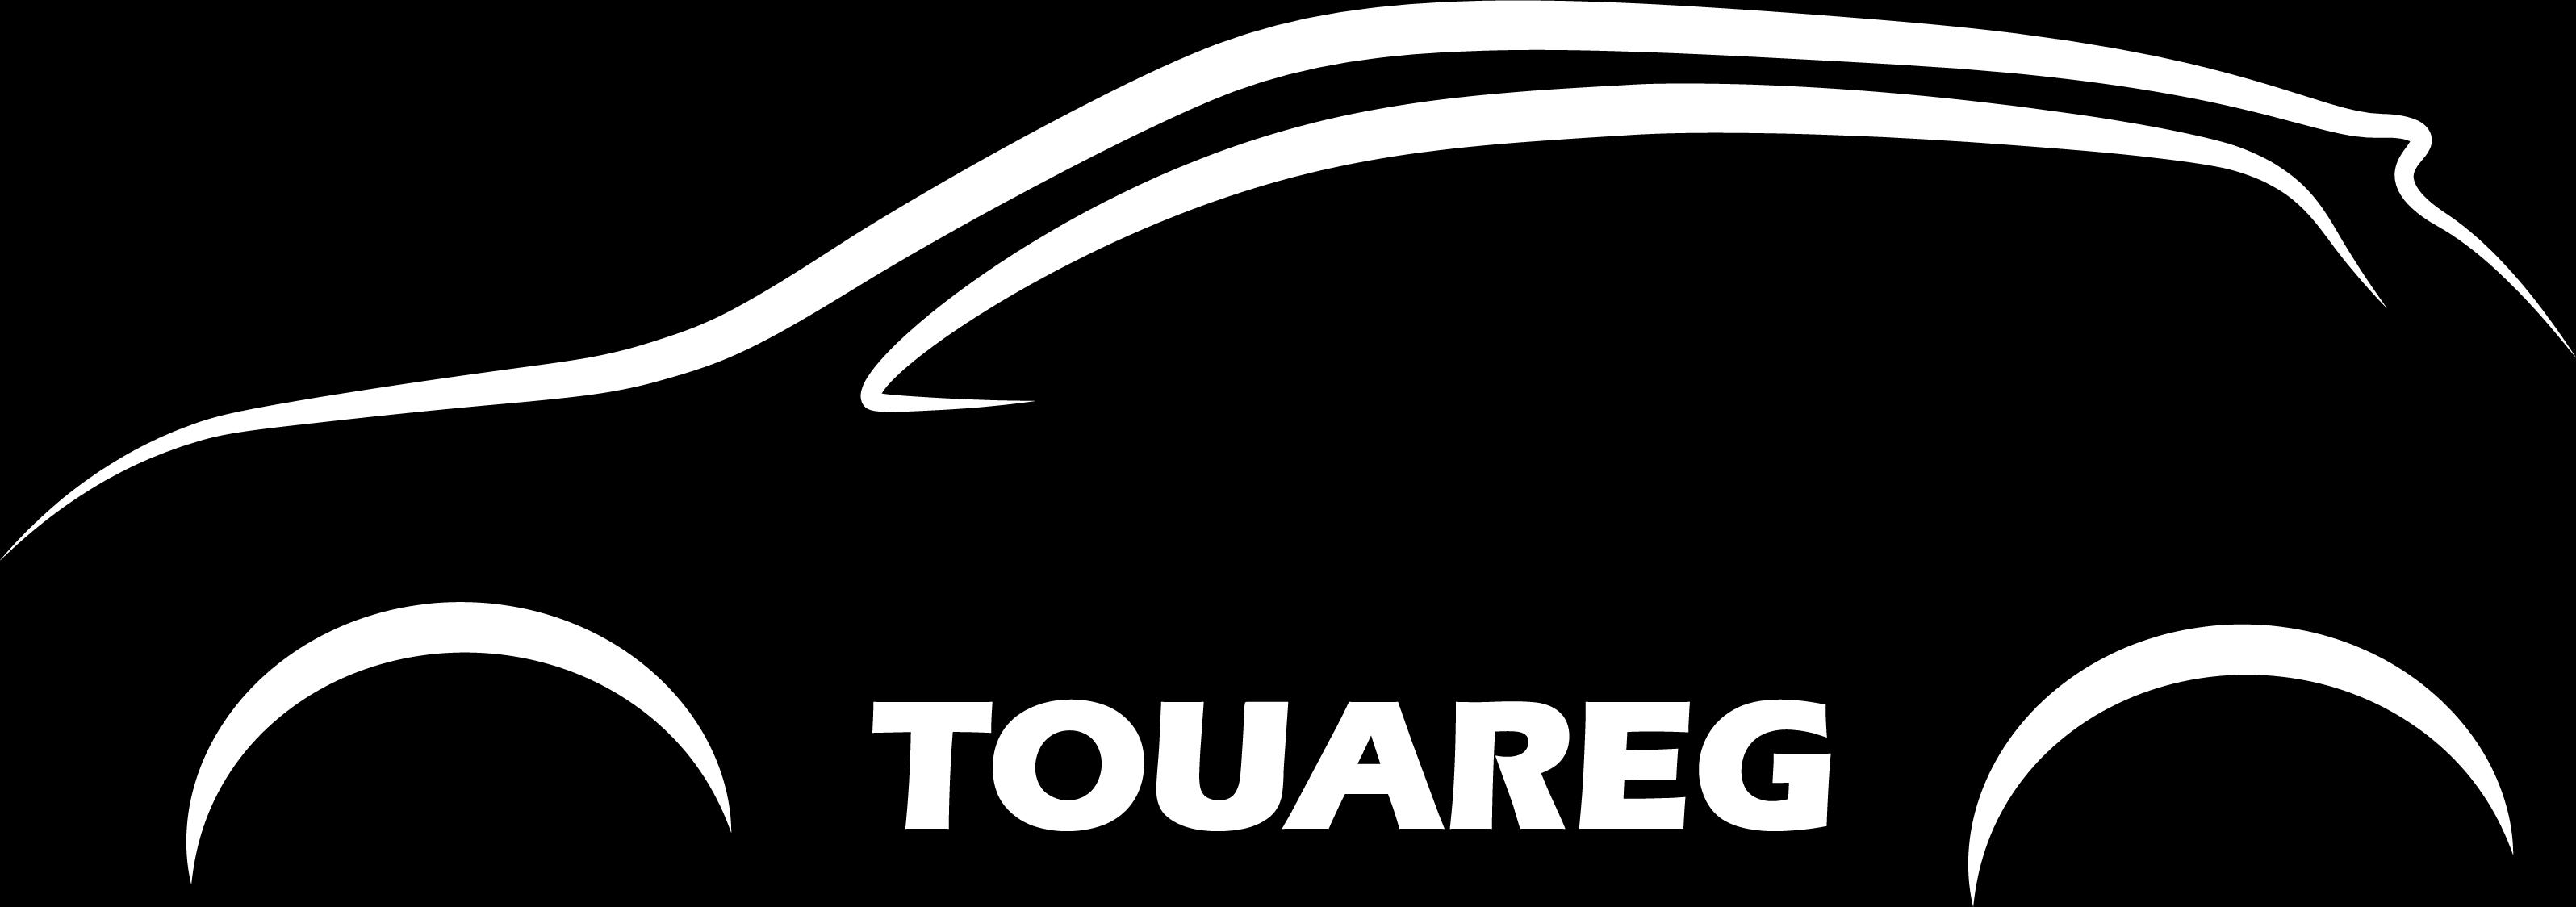 Touareg_Logo